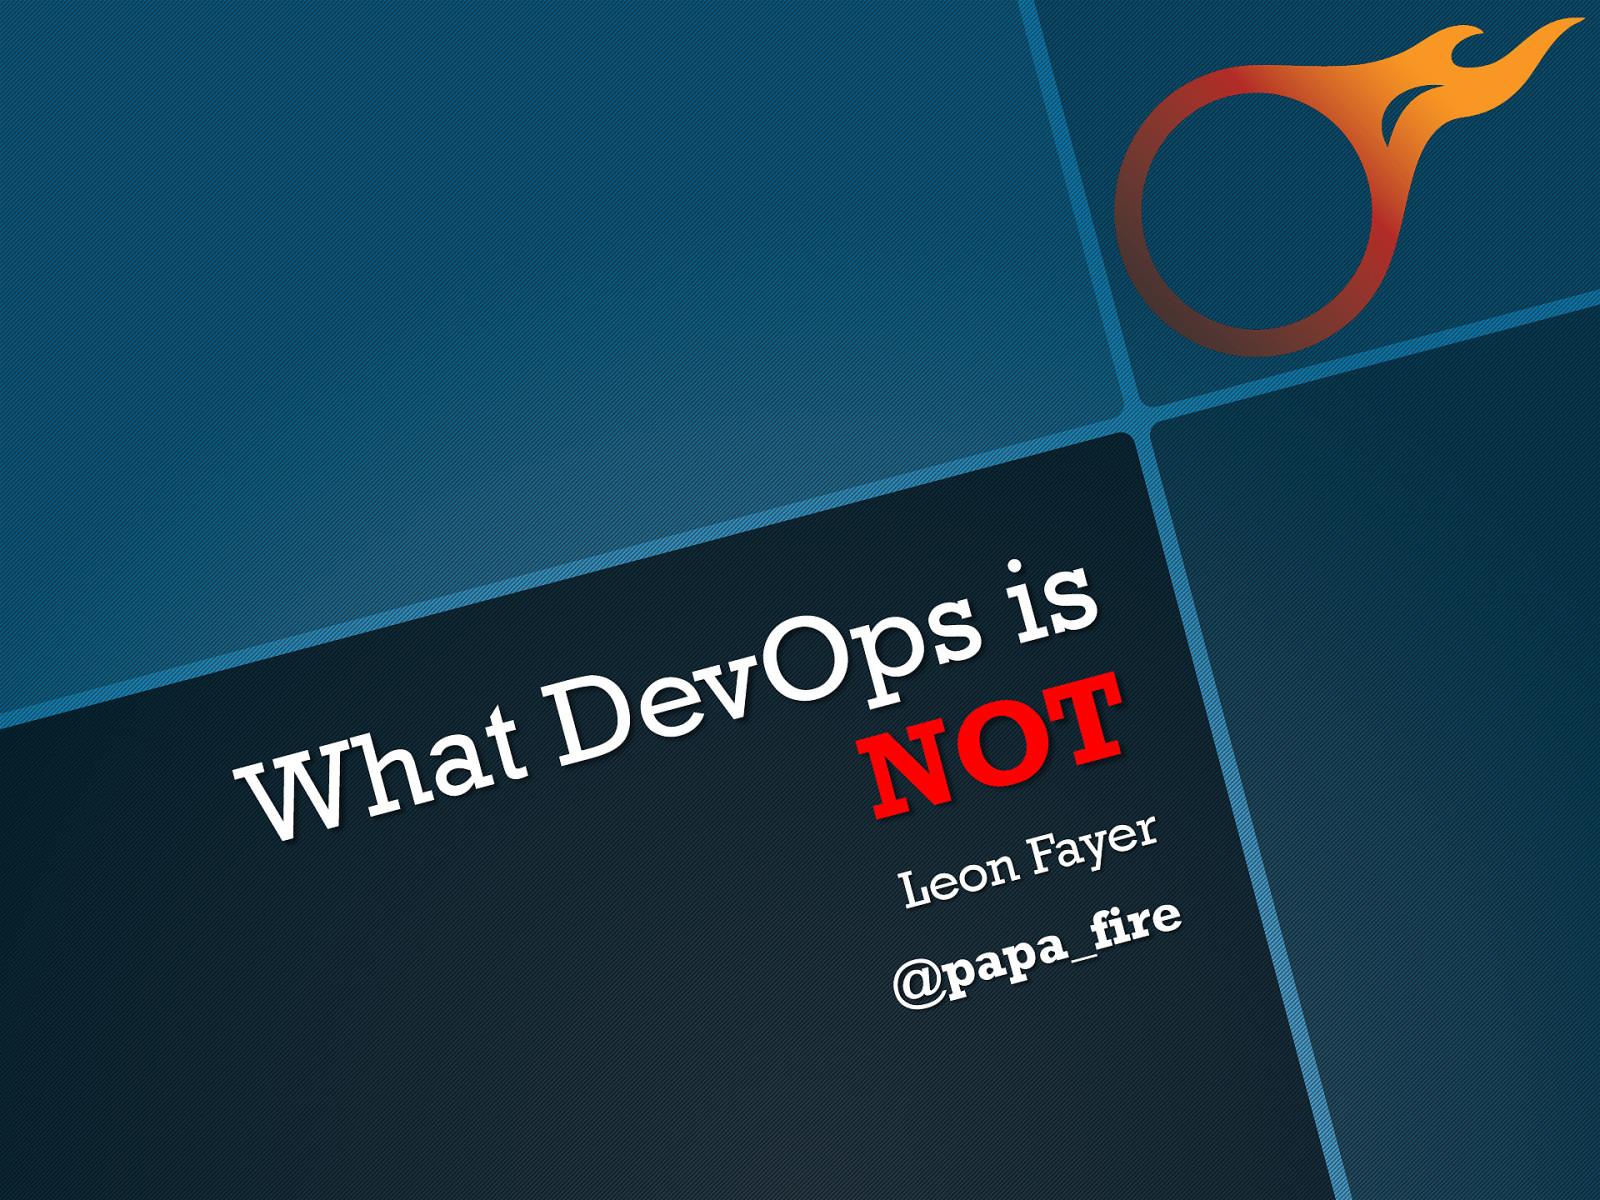 What DevOps is Not